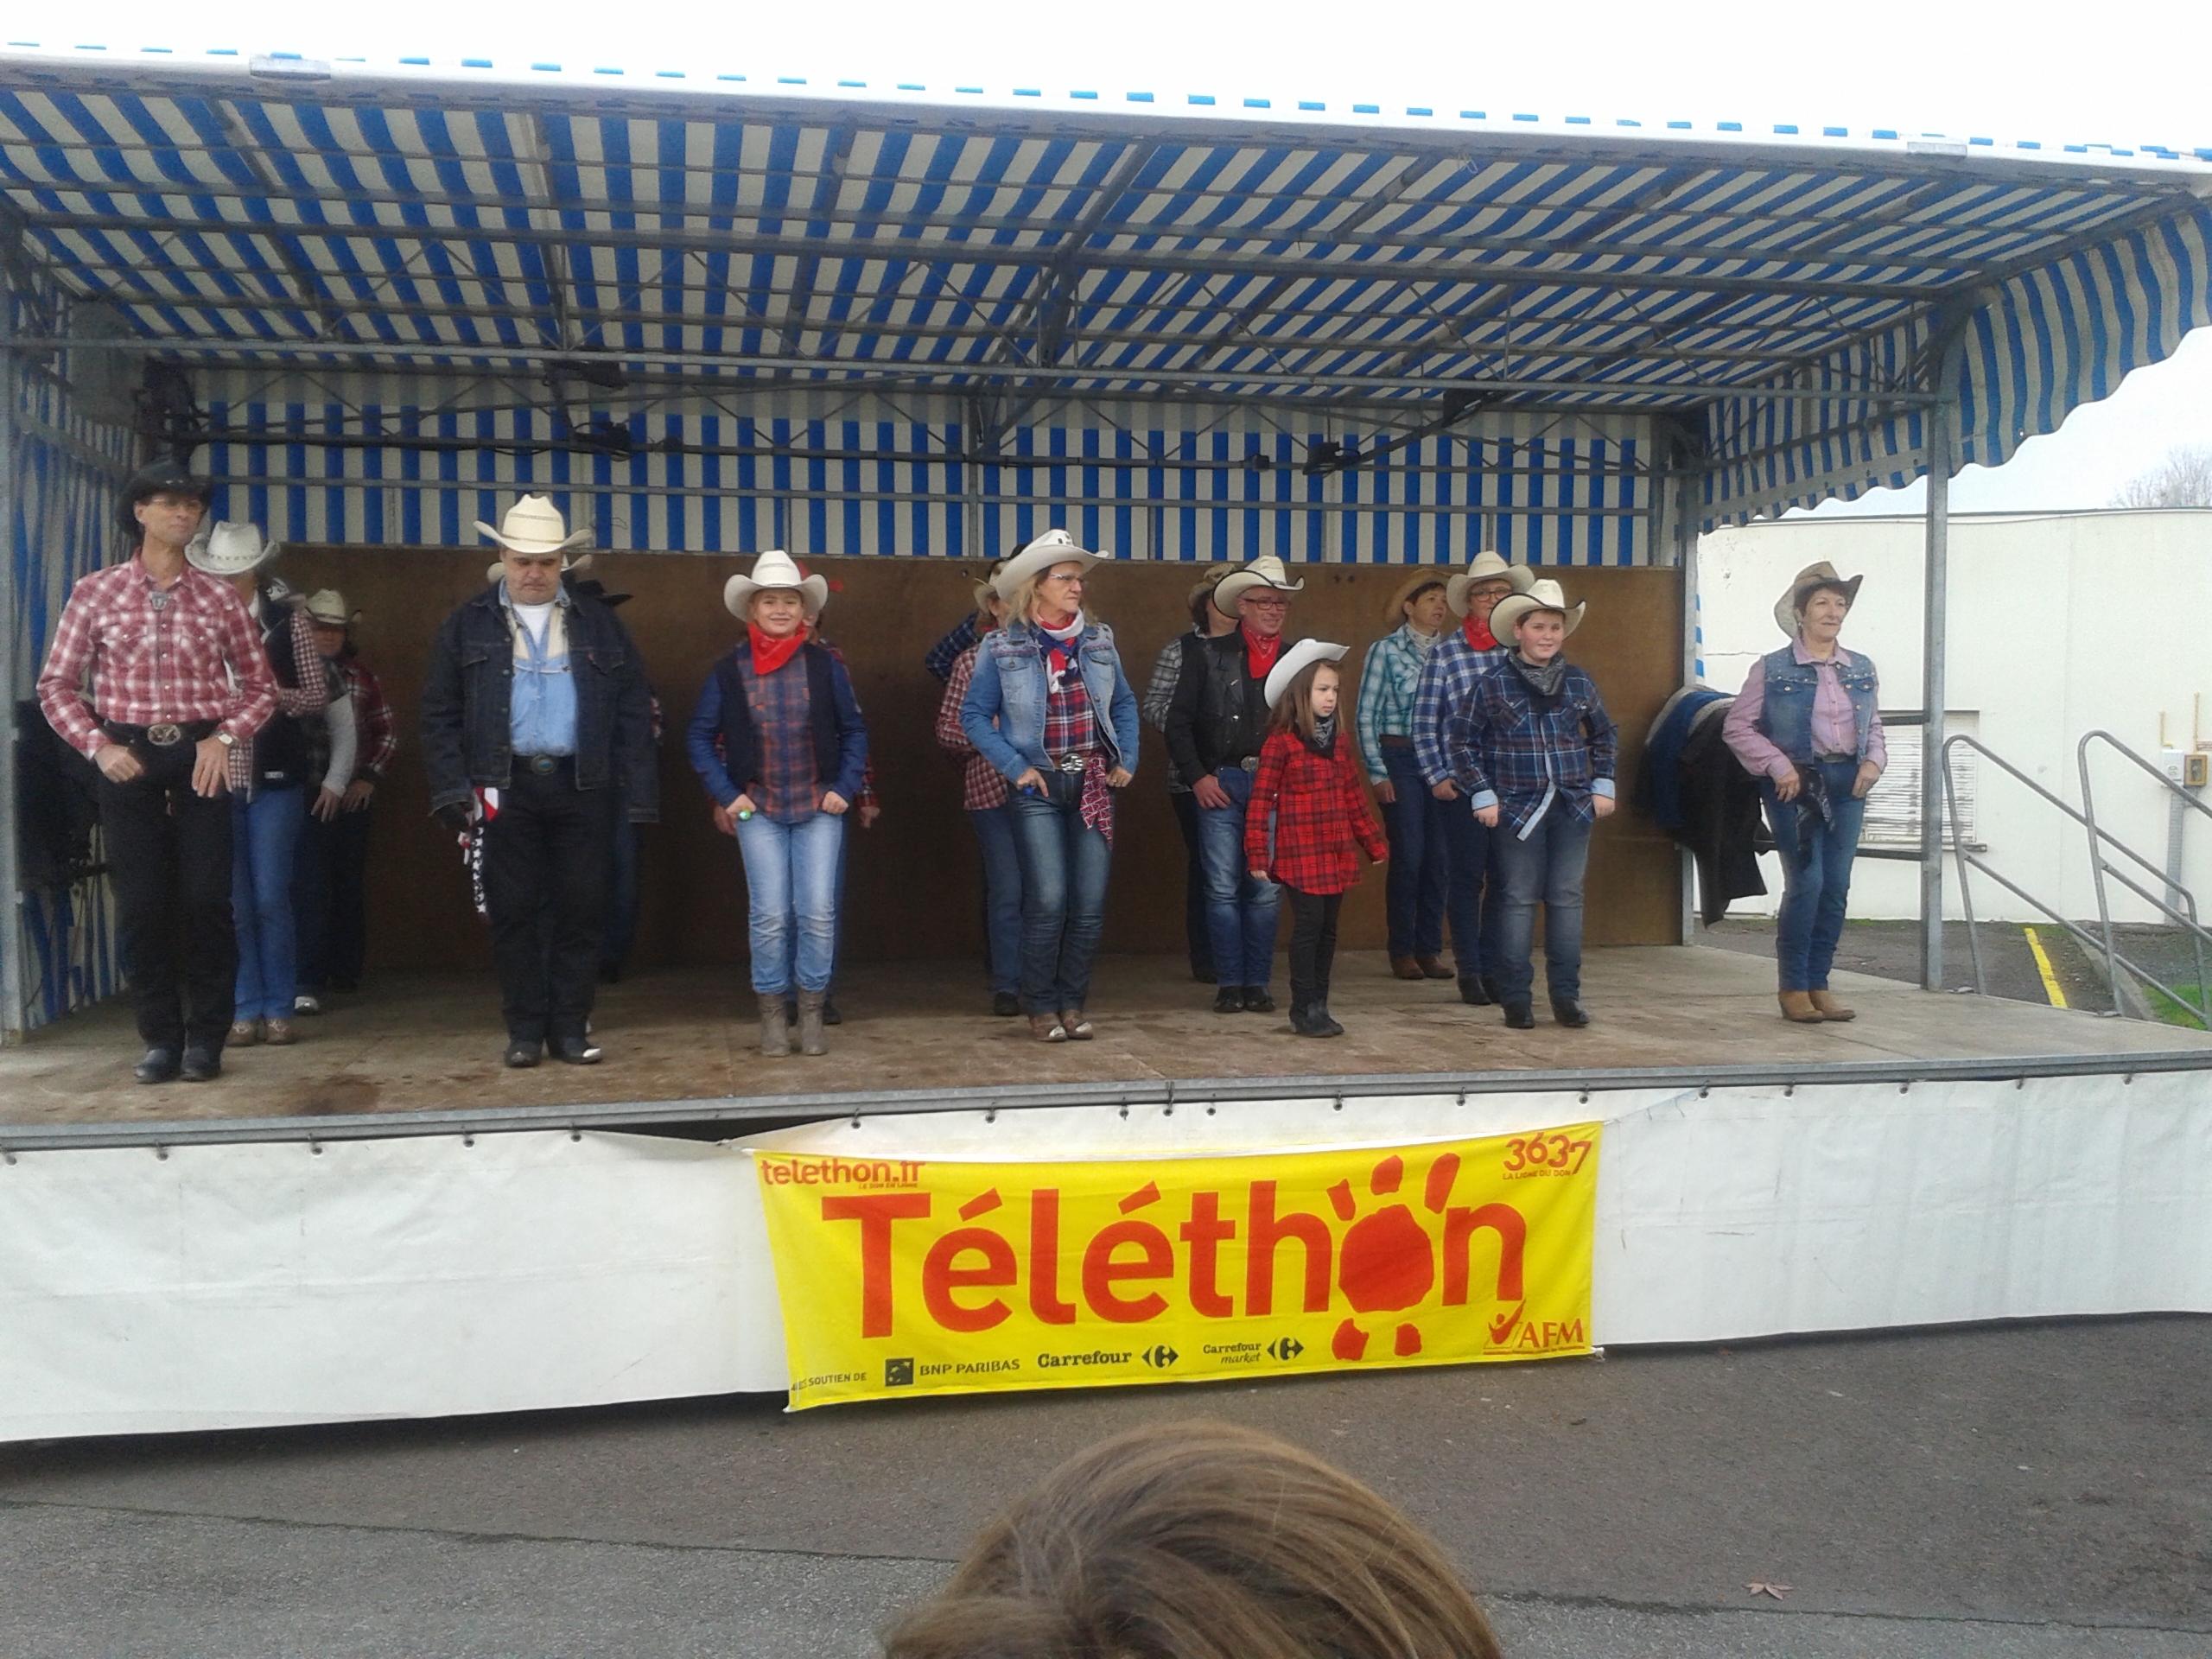 Telethon Mézidon 2014-12-07--02.jpg